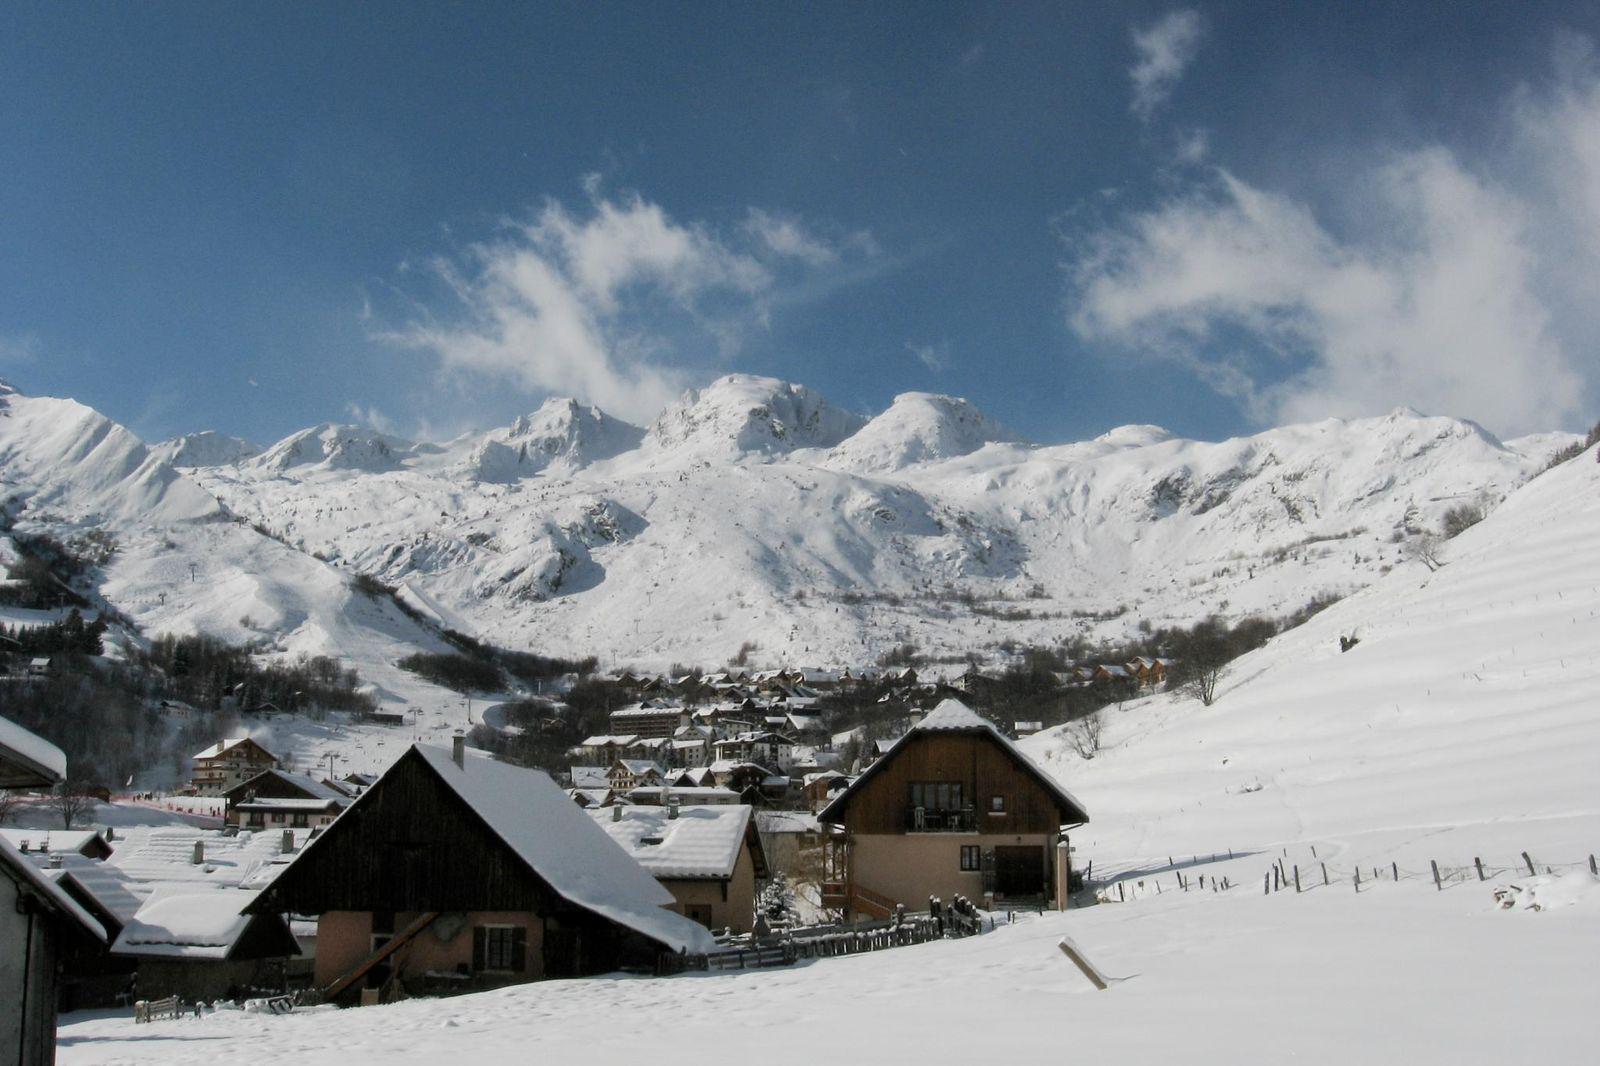 Station de ski de Saint Sorlin d'Arves_Saint-Sorlin-d'Arves